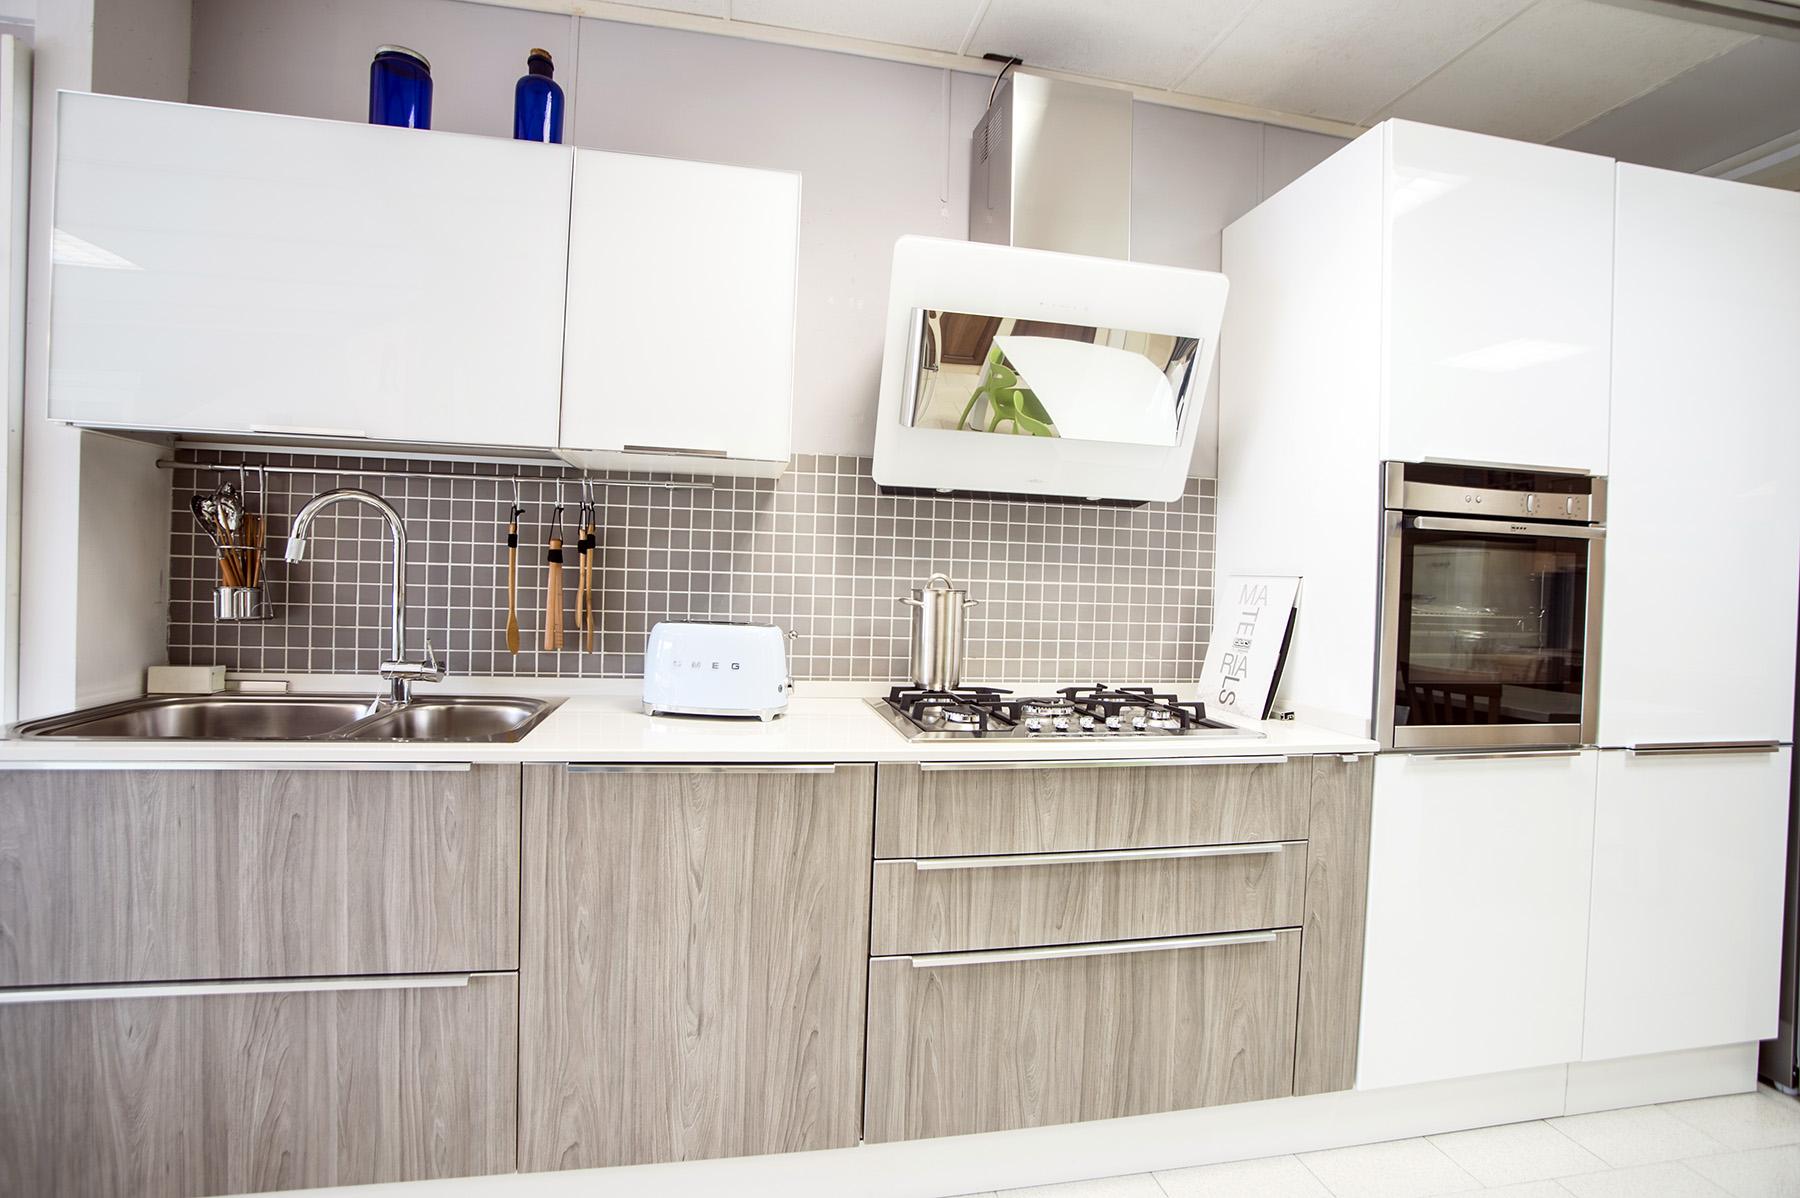 arredamento-cucina-mantova-modena-bologna-2